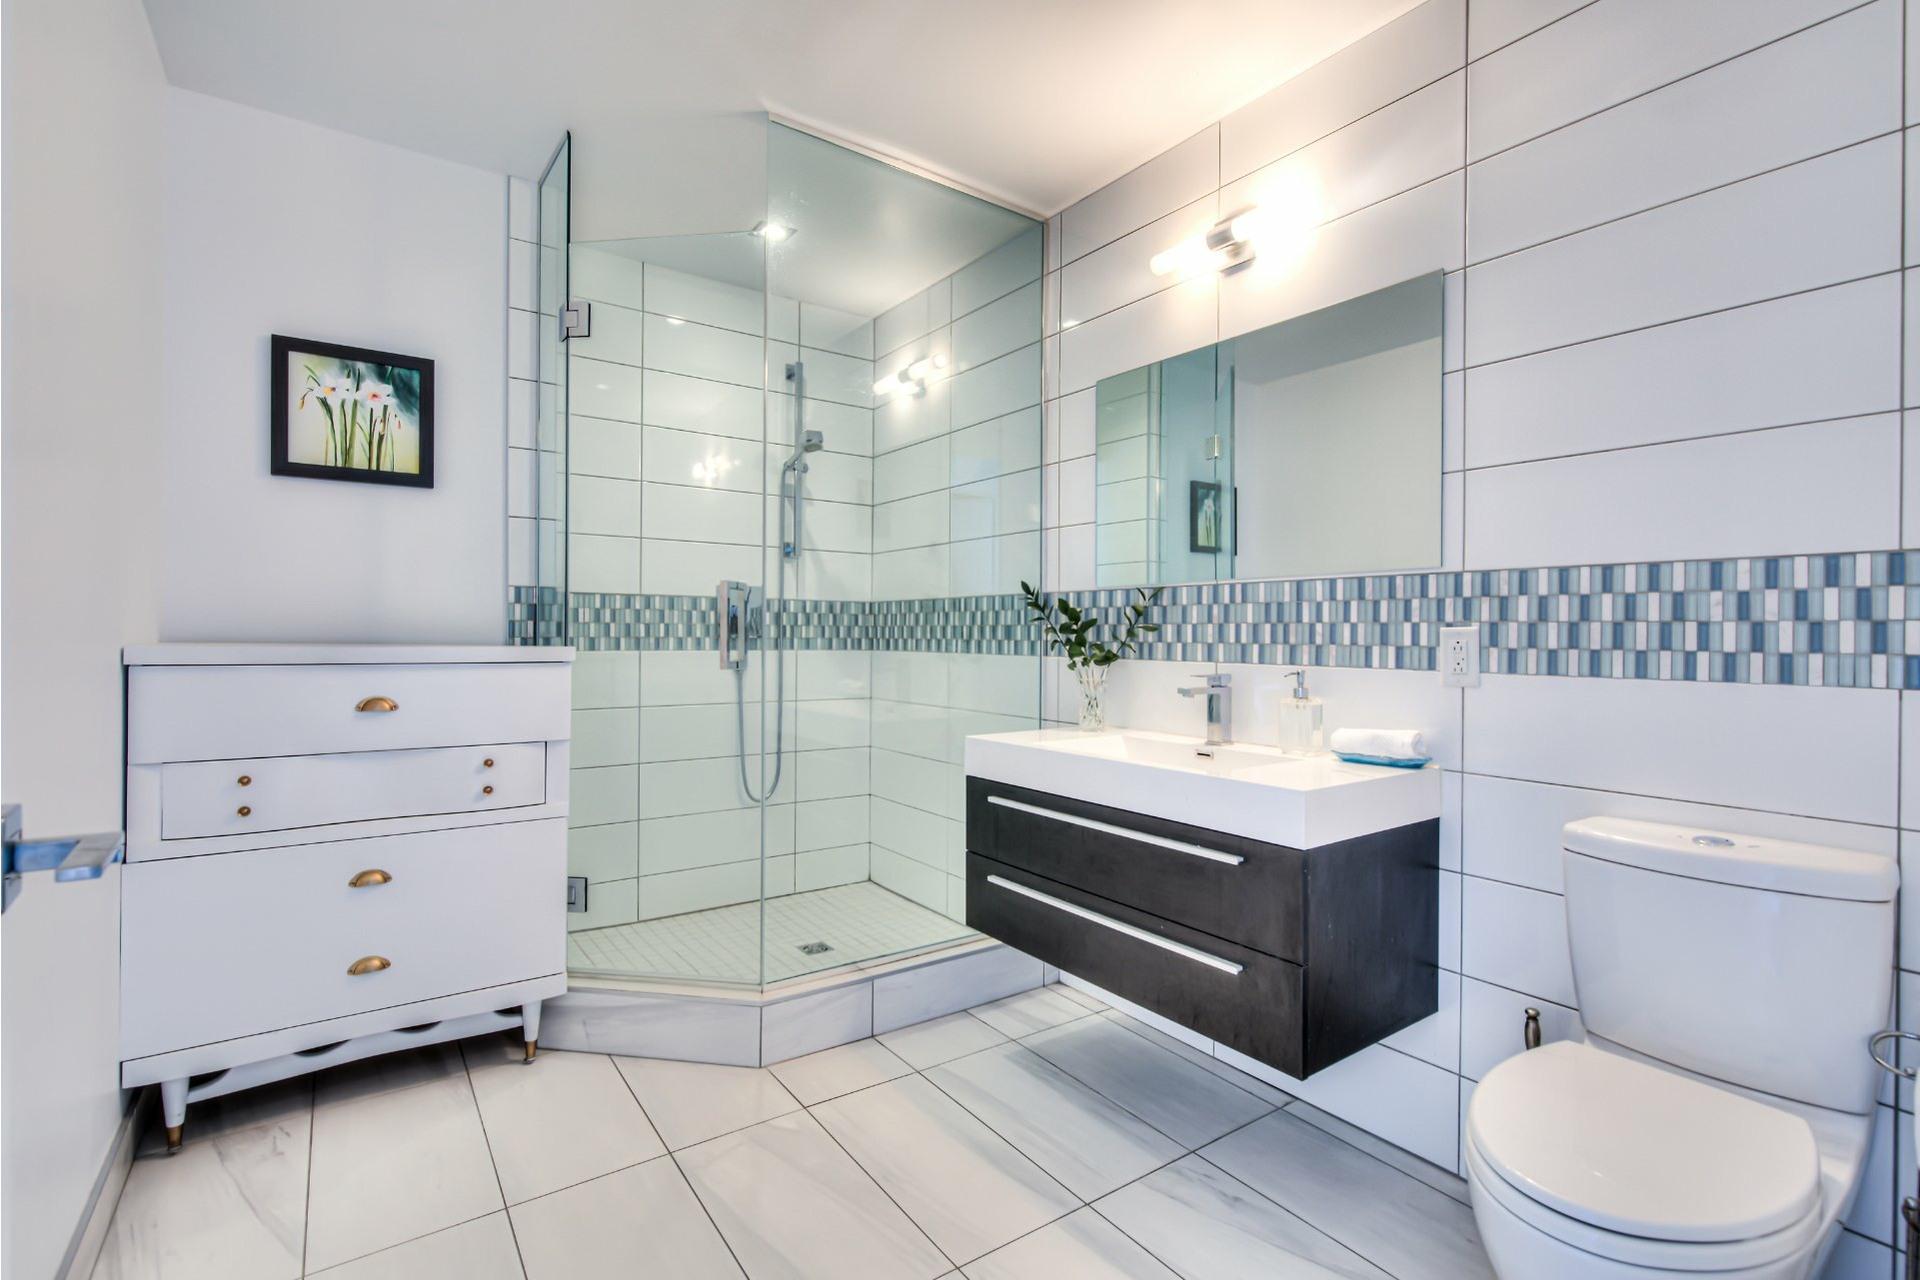 image 27 - Appartement À vendre Verdun/Île-des-Soeurs Montréal  - 11 pièces